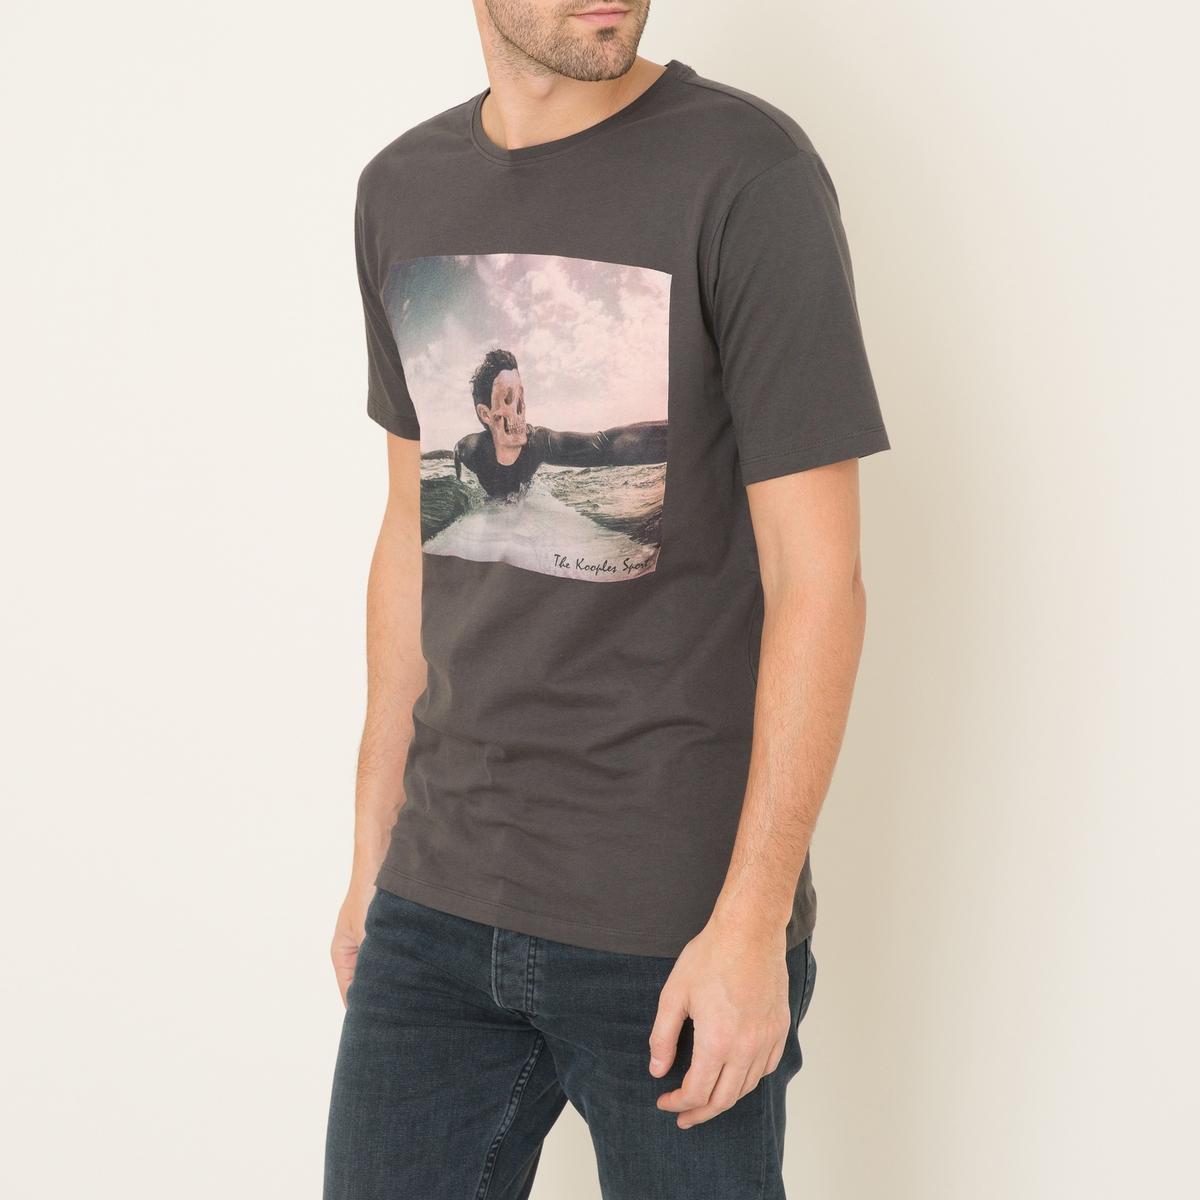 Футболка с рисункомФутболка THE KOOPLES SPORT - с фотопринтом из хлопкового джерси в винтажном стиле. Подвязка на круглом вырезе  . Короткие рукава. Прямой низ. Состав и описание:    Материал : 100% хлопок   Марка : THE KOOPLES SPORT<br><br>Цвет: хаки